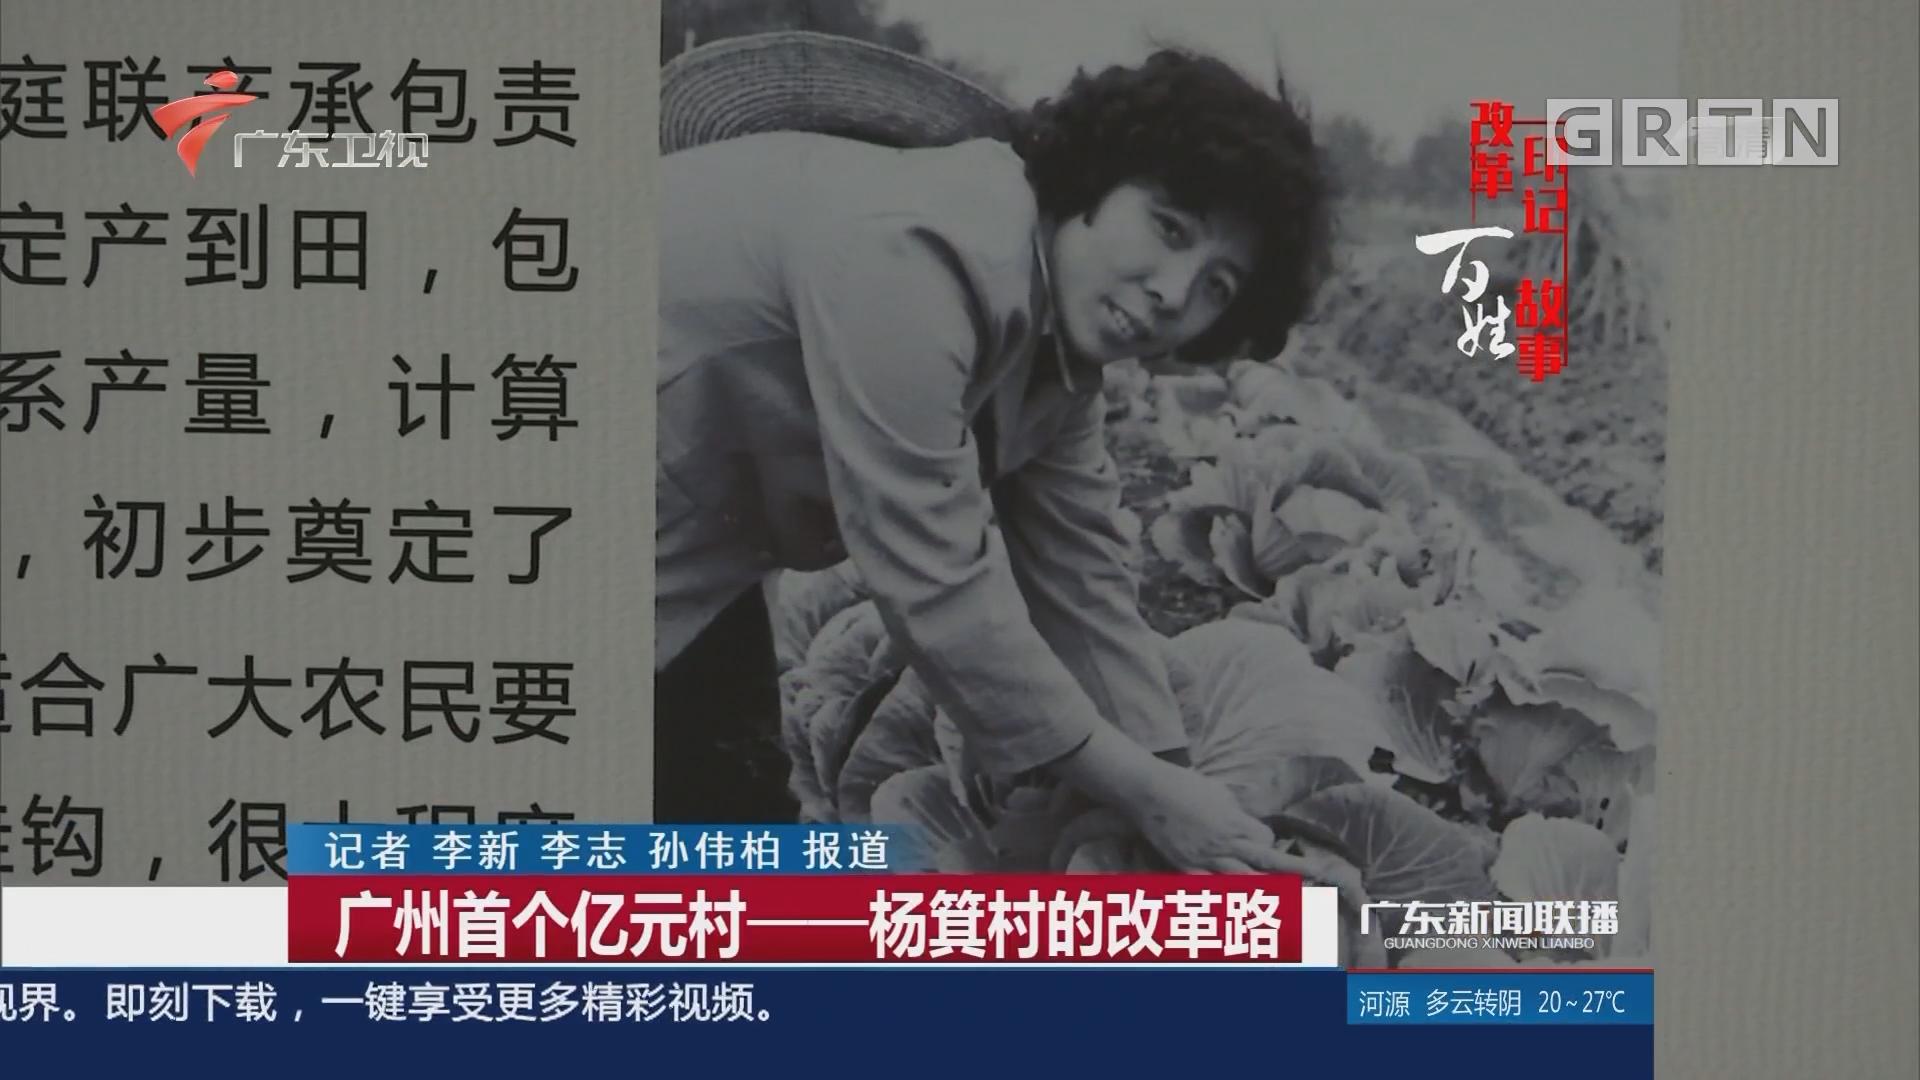 广州首个亿元村——杨箕村的改革路